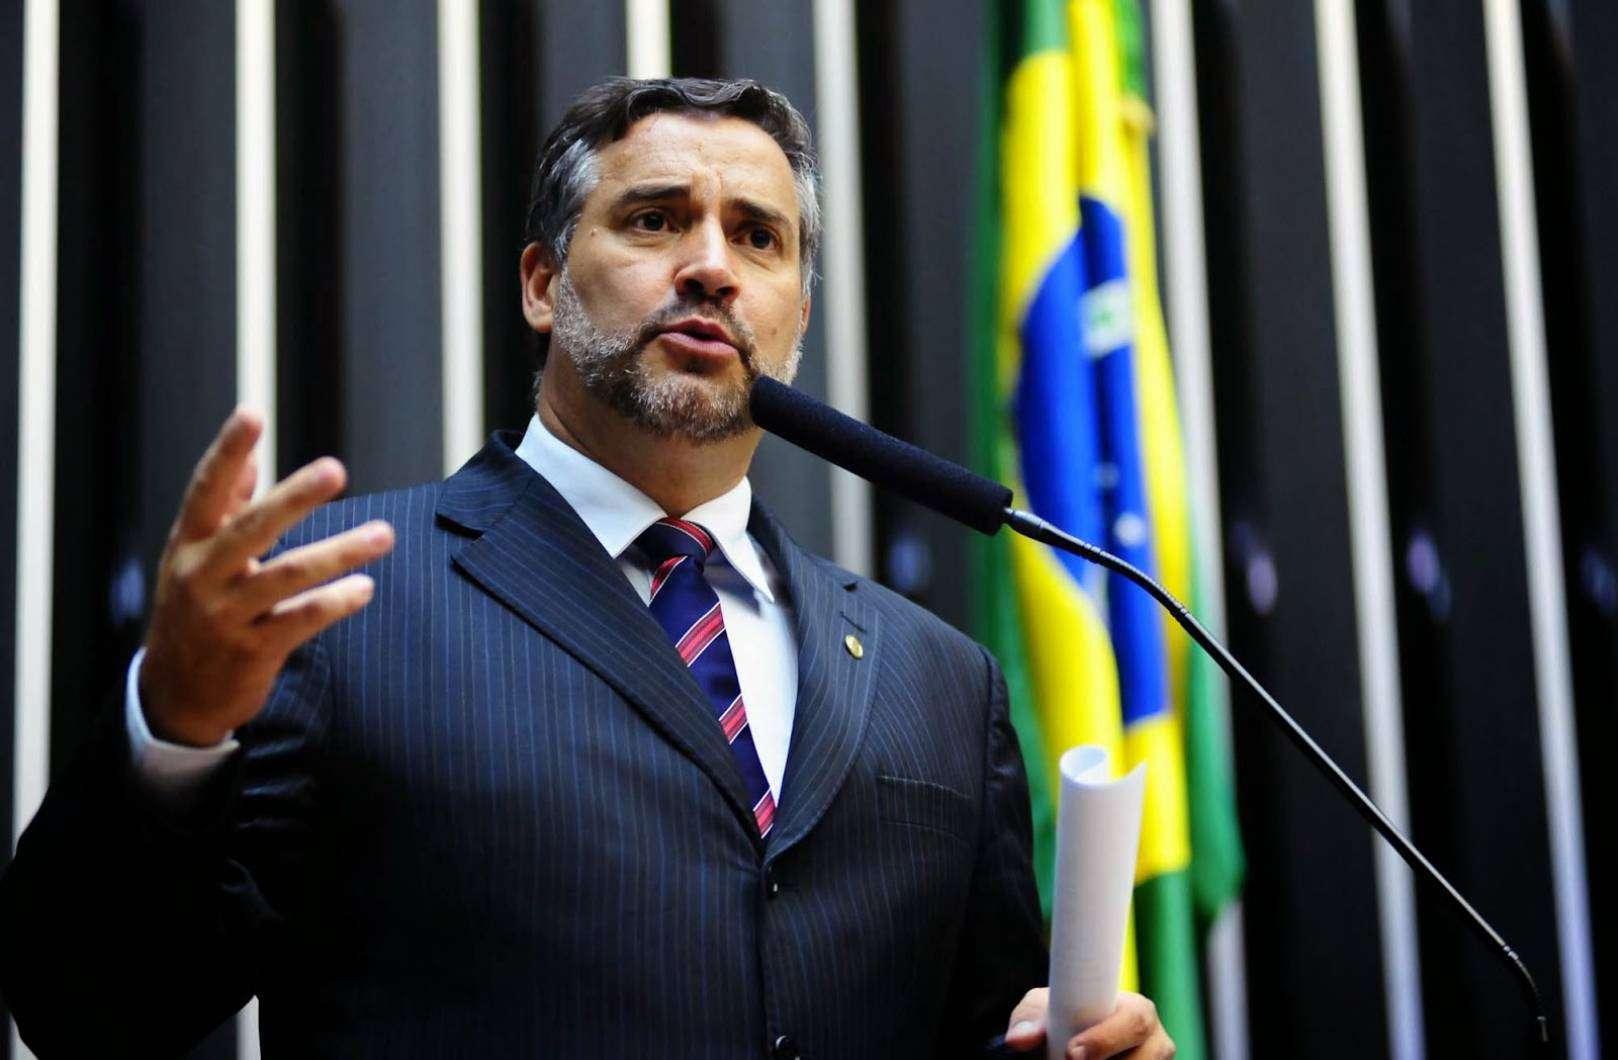 deputado-paulo-pimenta-fala-sobre-a-lista-de-schl--14338836876S8